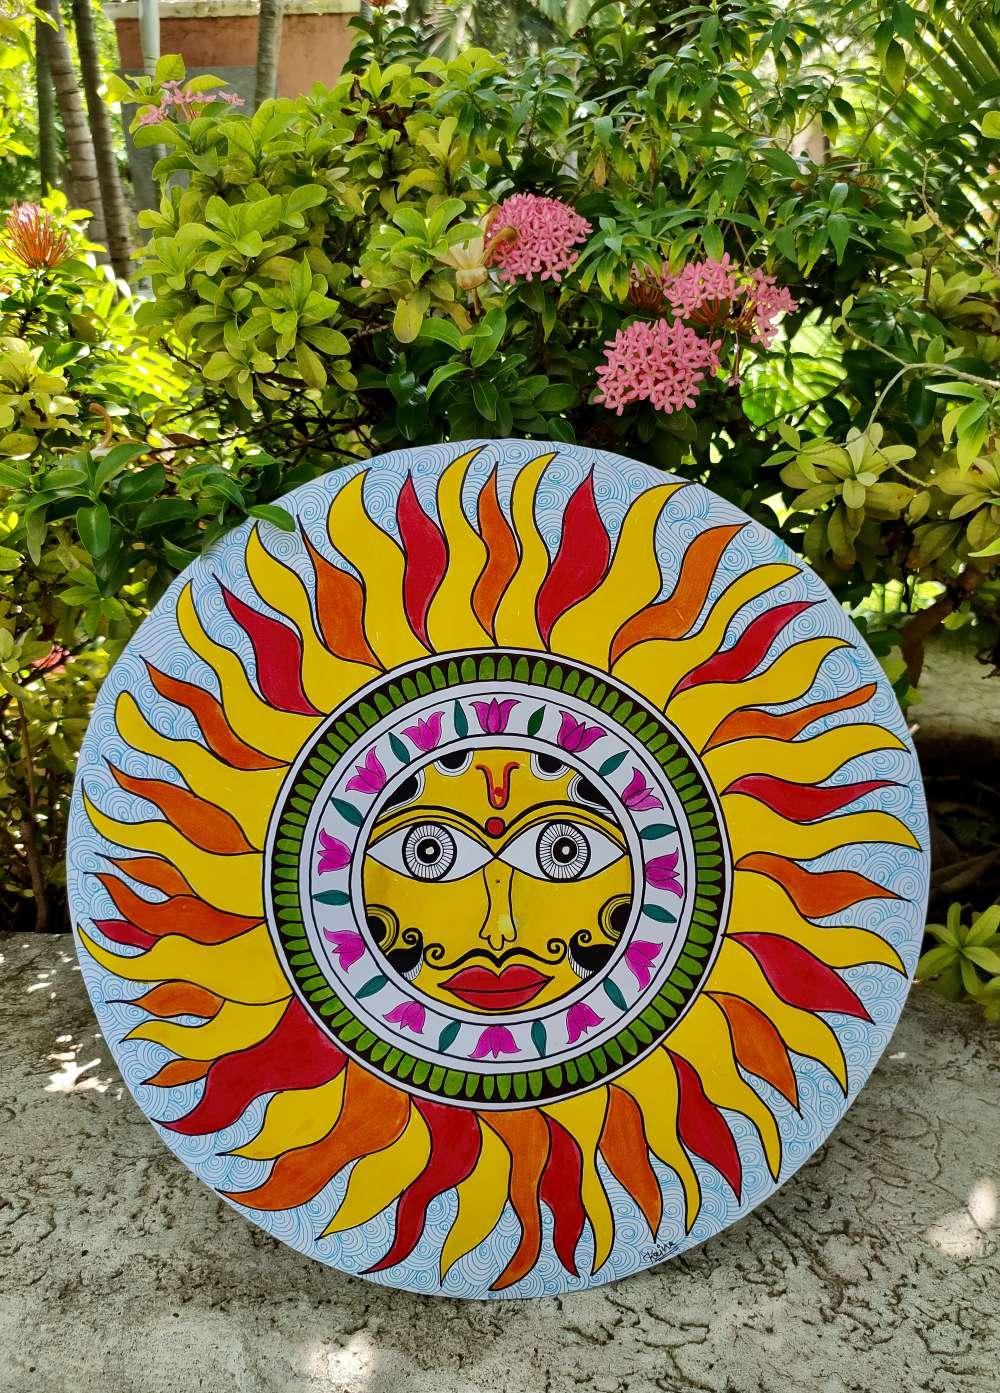 Sun Madhubani art